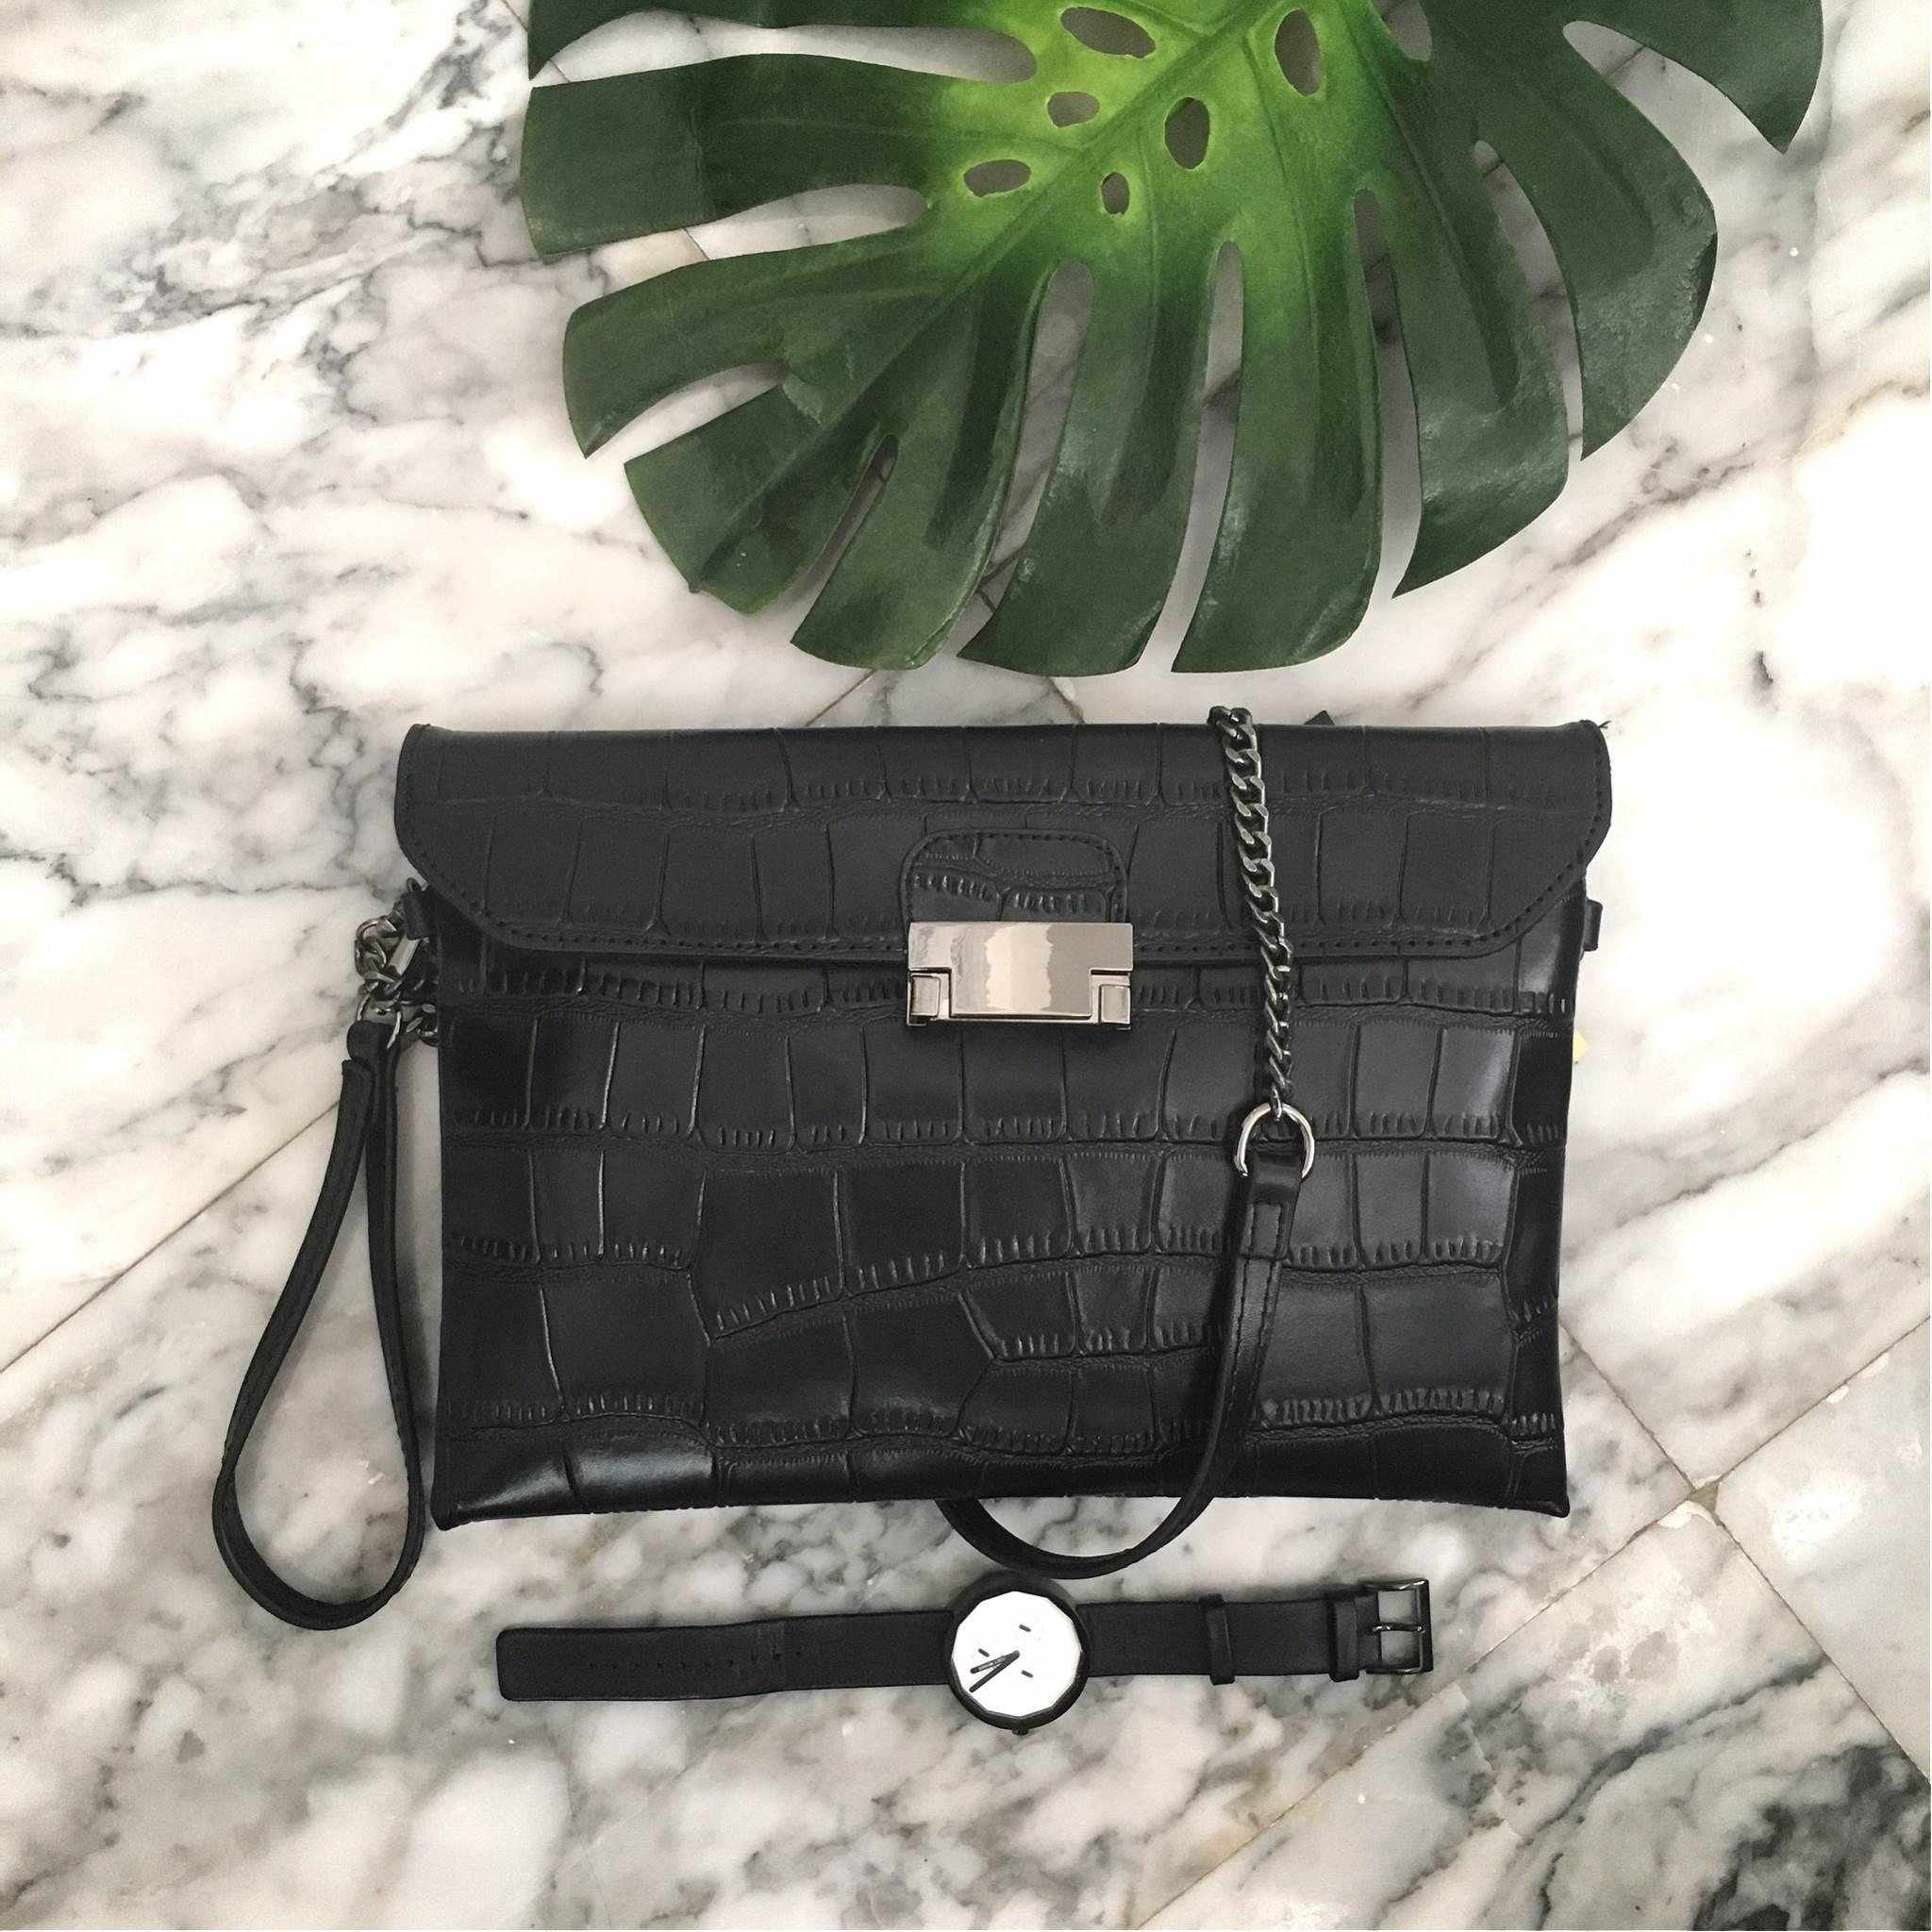 กระเป๋า KEEP Clutch bag with strap Size M ราคา 1,490 บาท Free Ems ค่ะ #ใบนี้หนังแท้ค่ะ